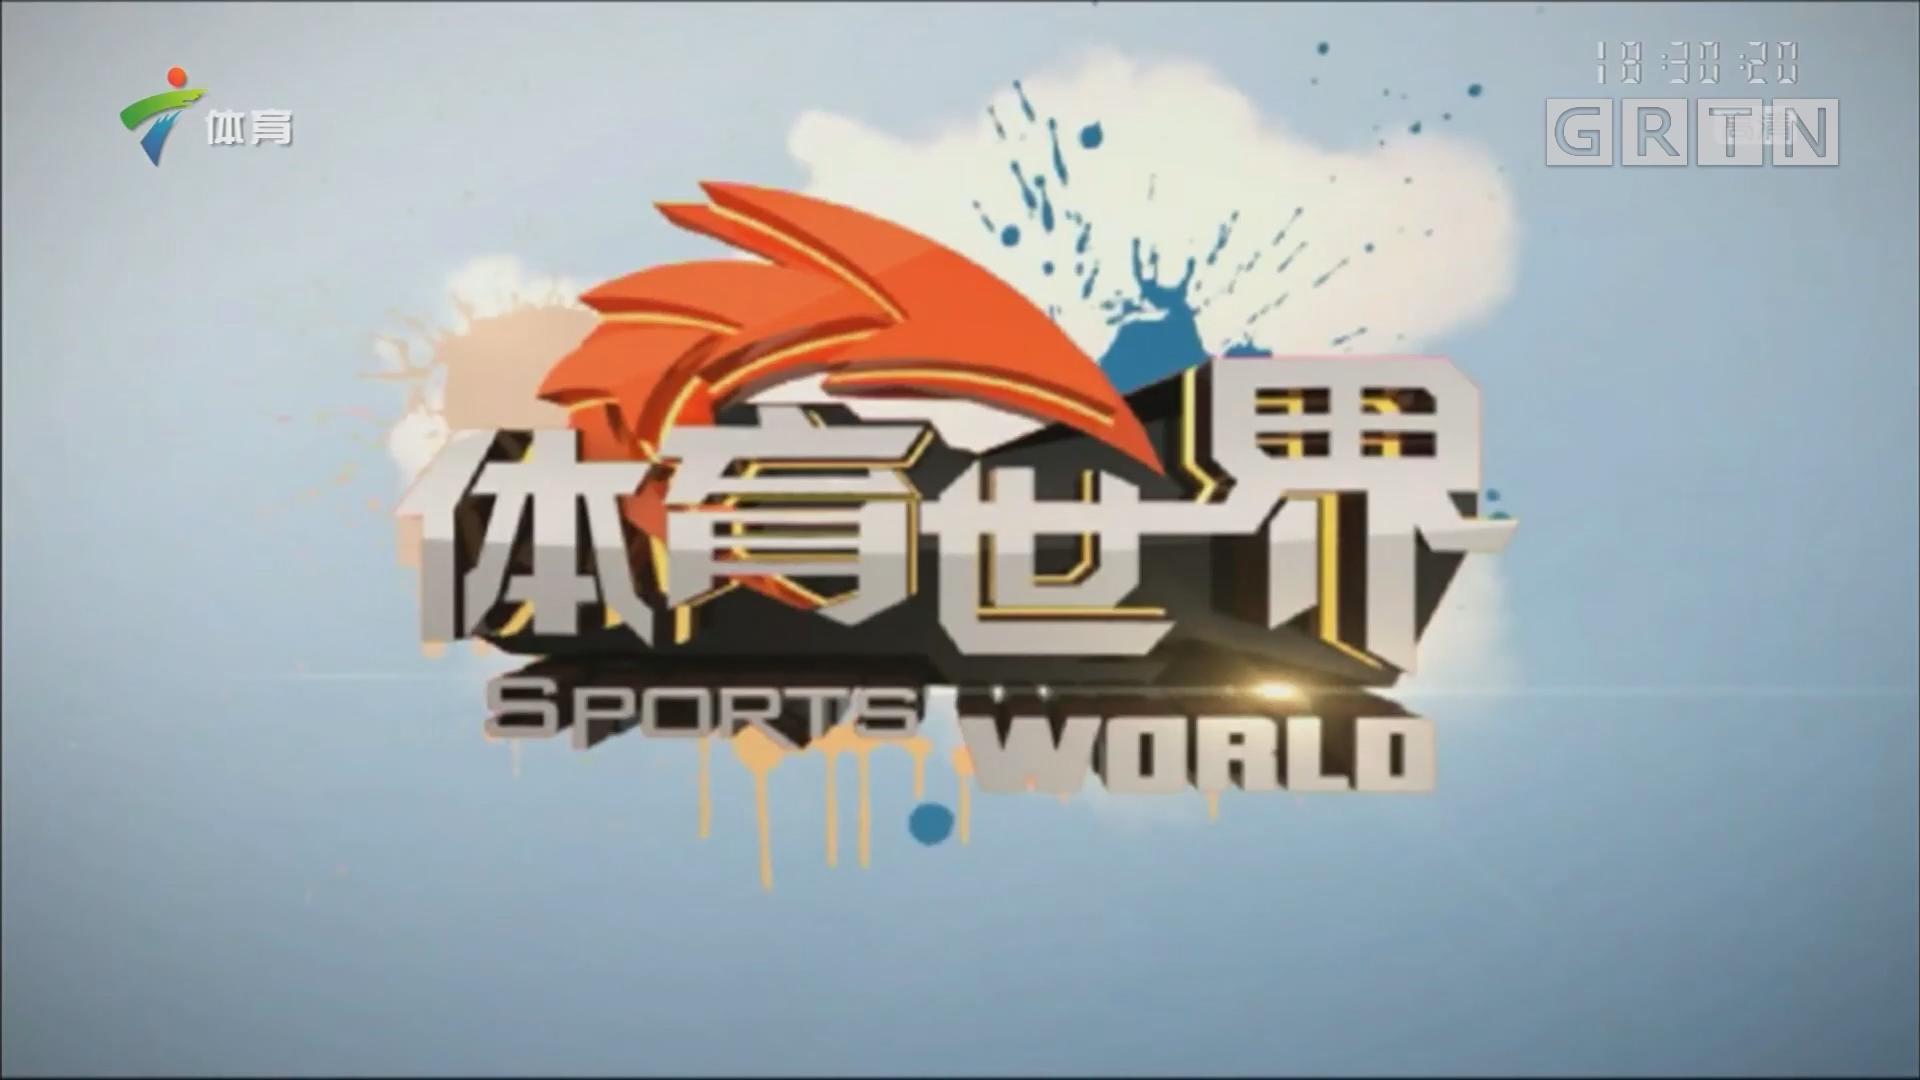 [2017-08-03]体育世界:铁狼杯——输球也是足球的一部分